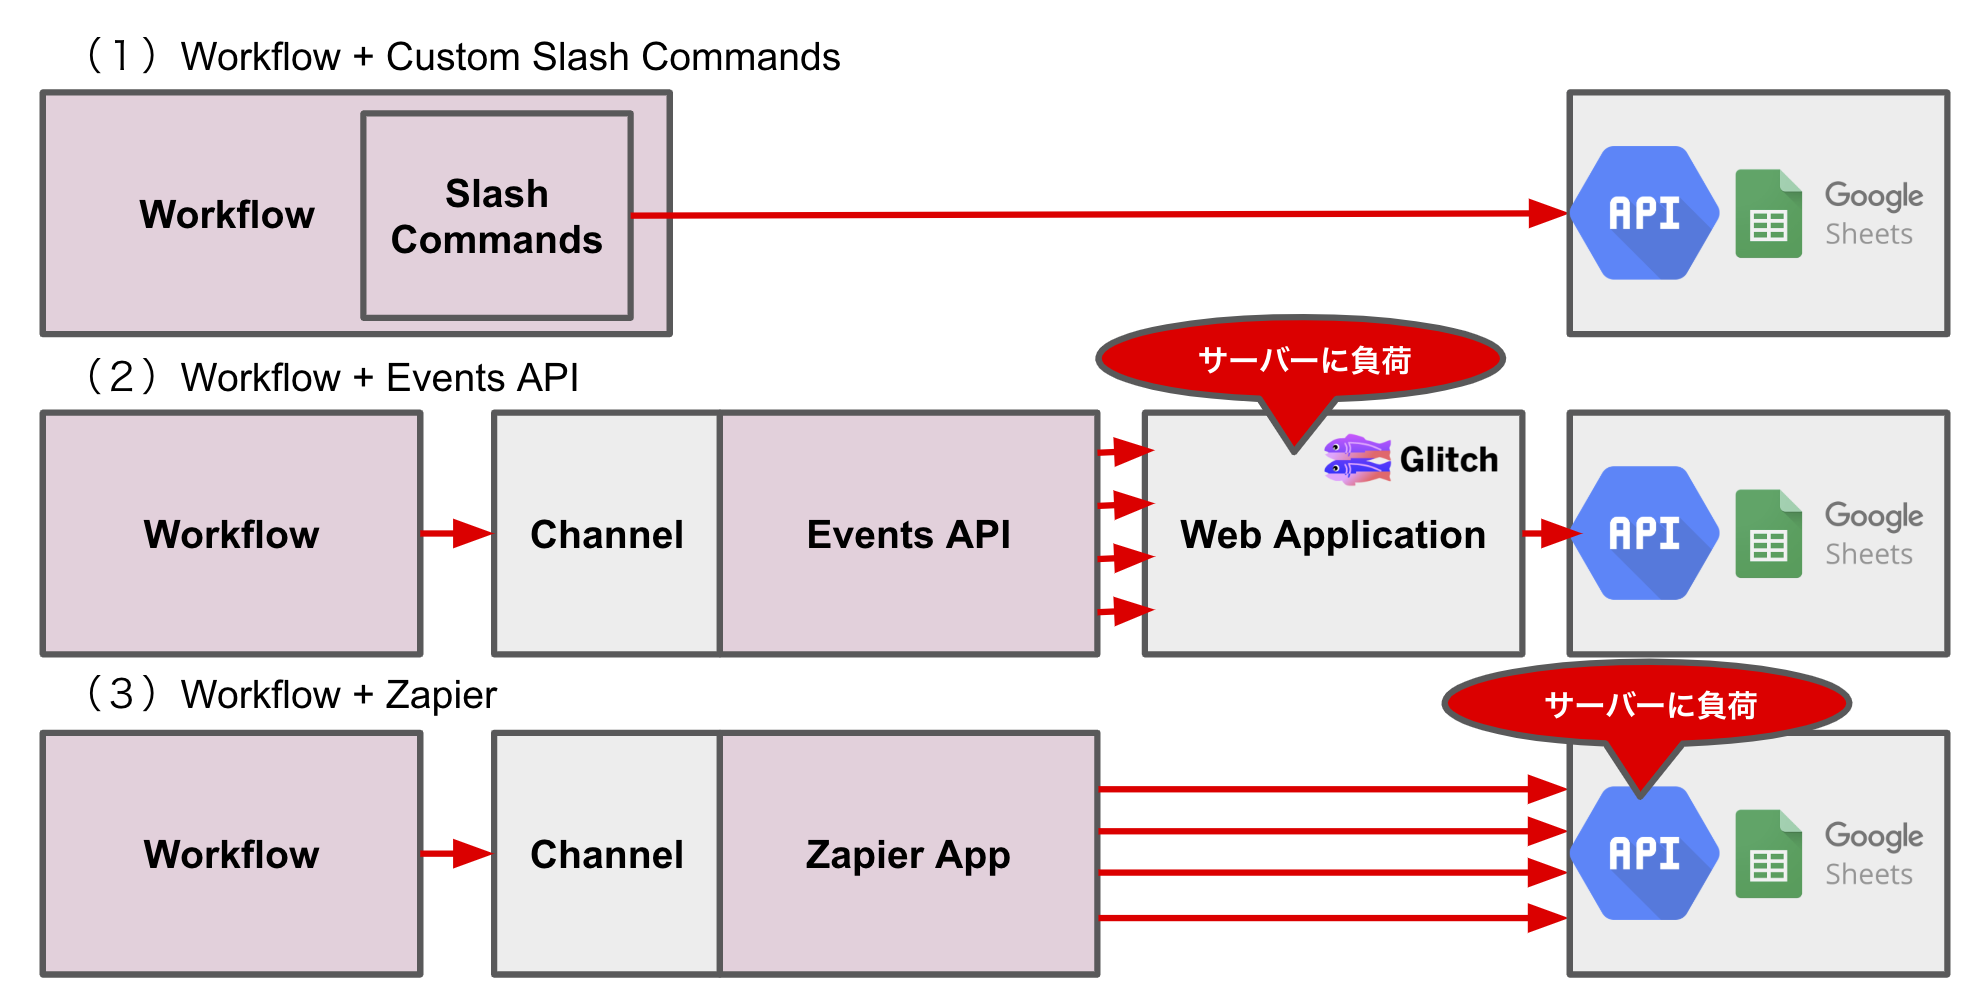 Slack Workflow Builder(ワークフロービルダー)で作ったワークフローから外部(3rd Party)にデータ連携する手段の想定